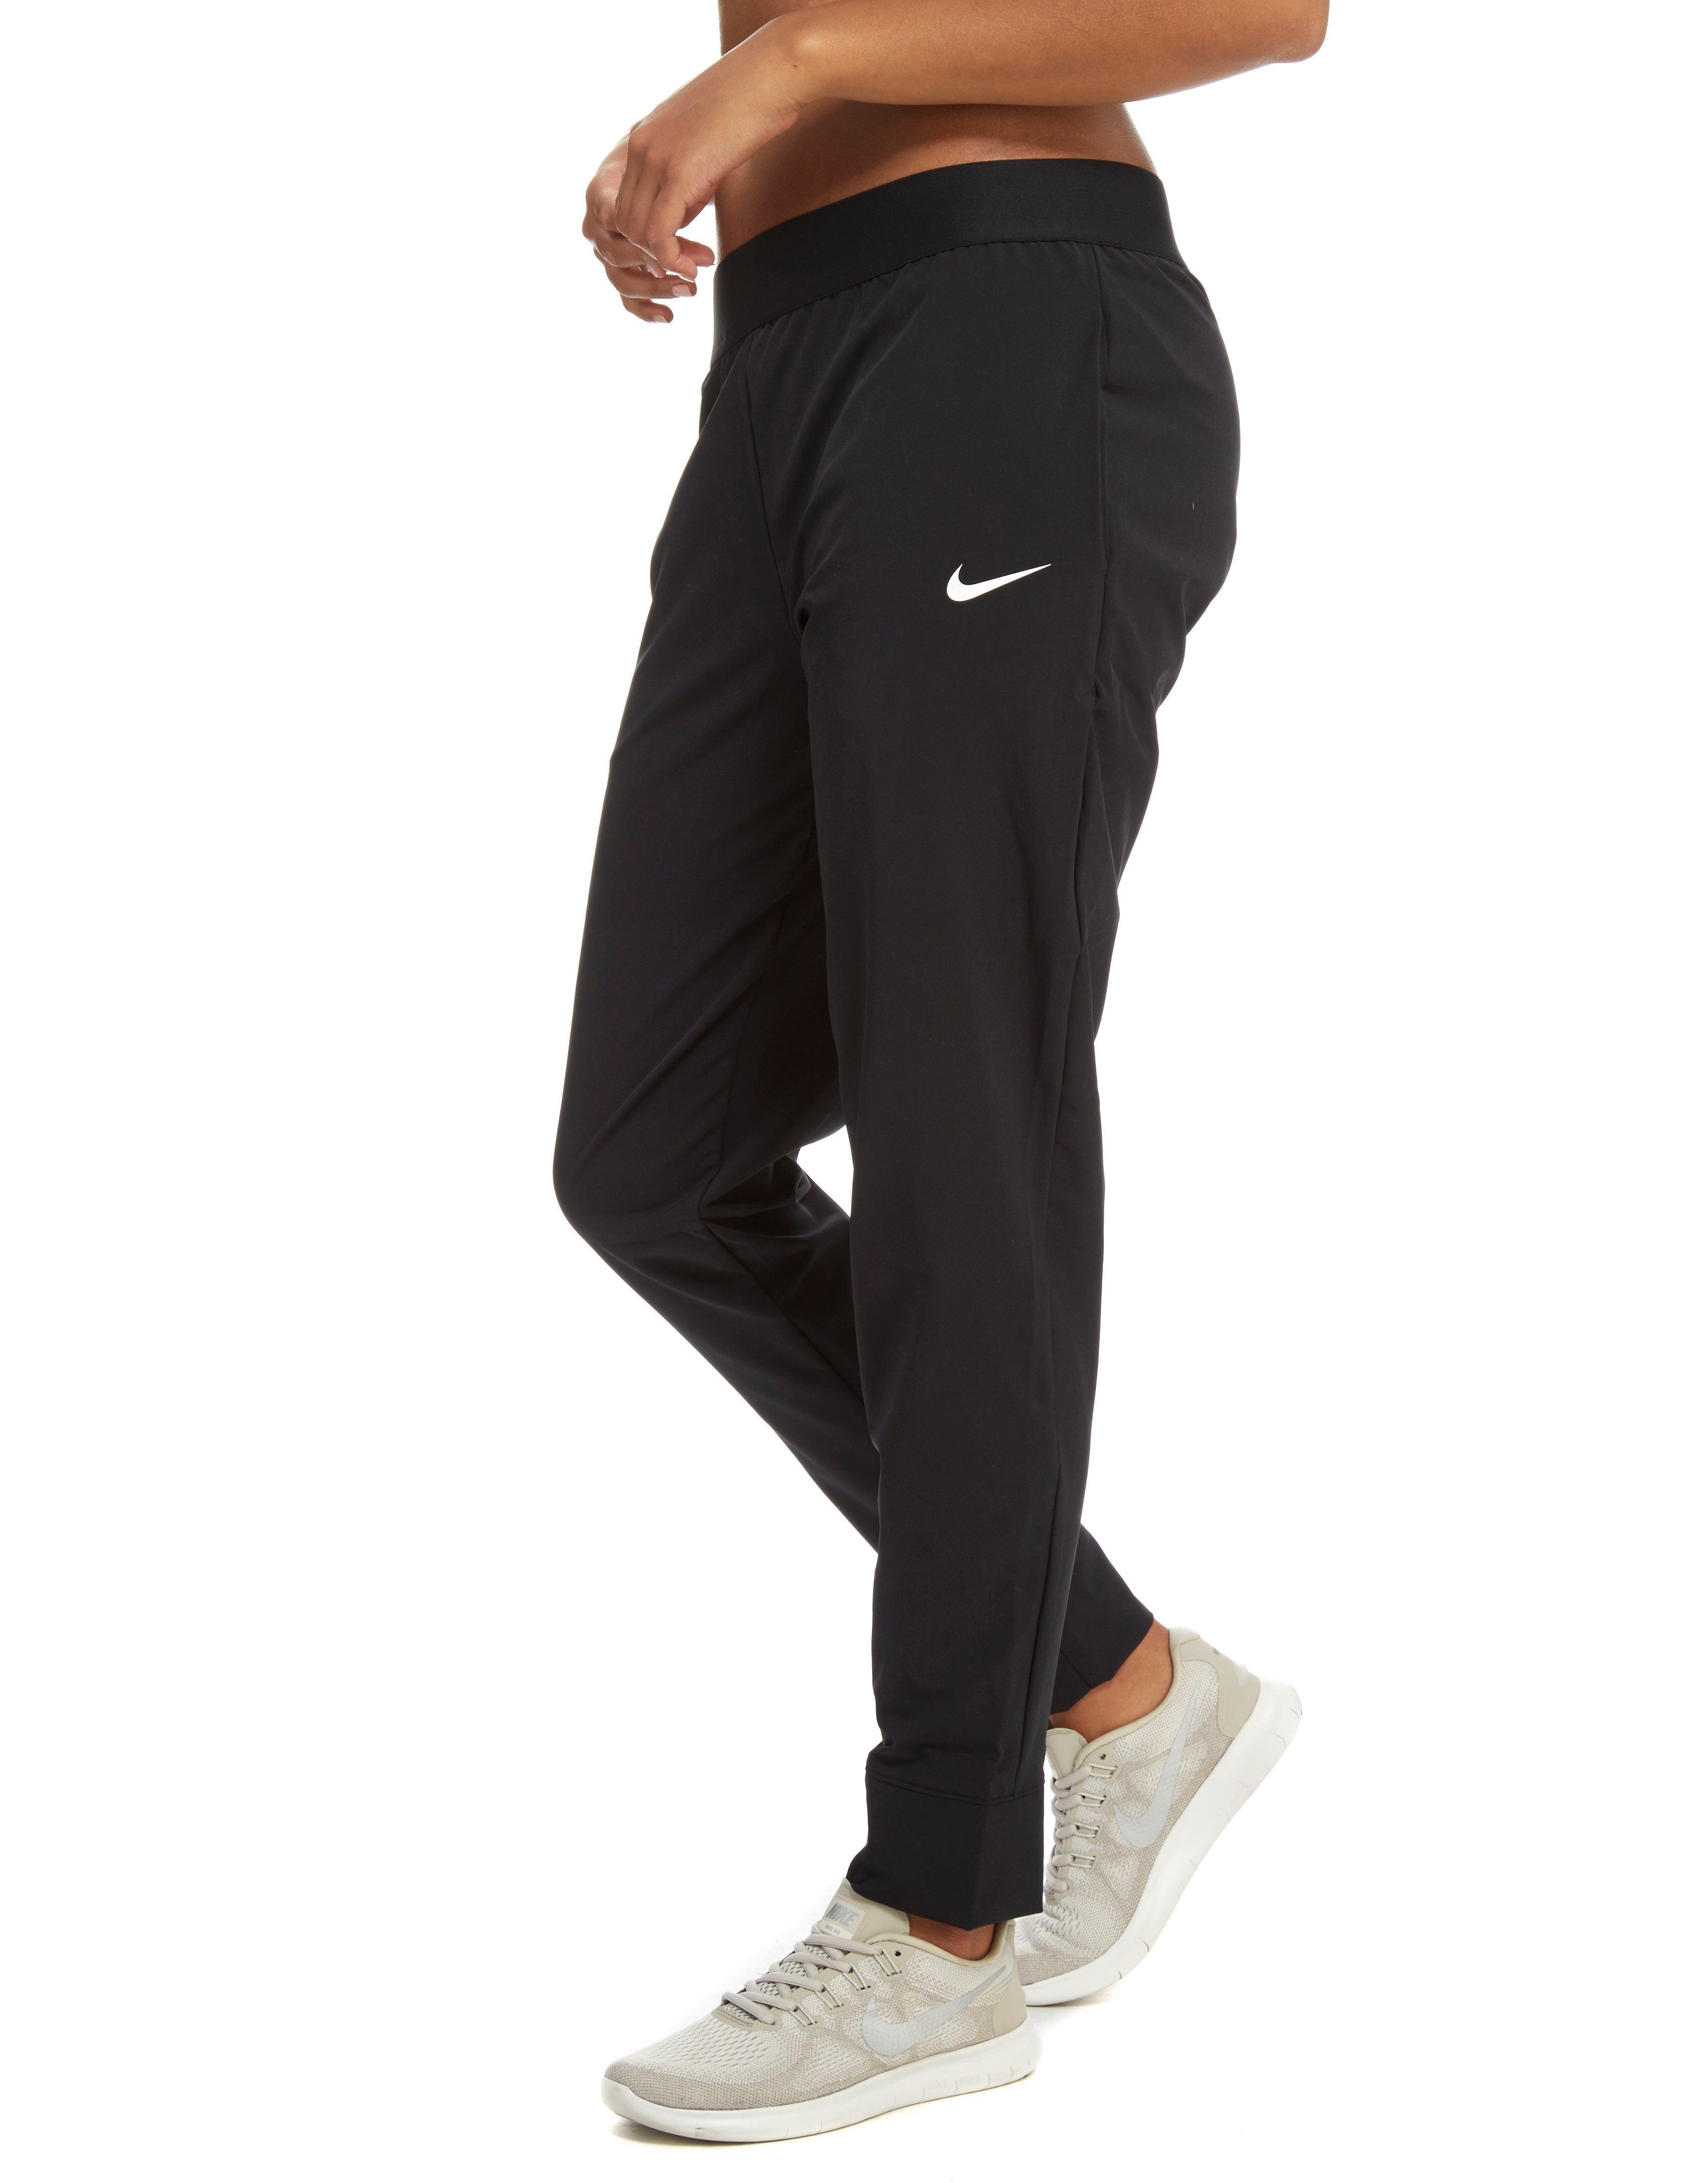 4b15fad9326e Nike Bliss Pants in Black - Lyst